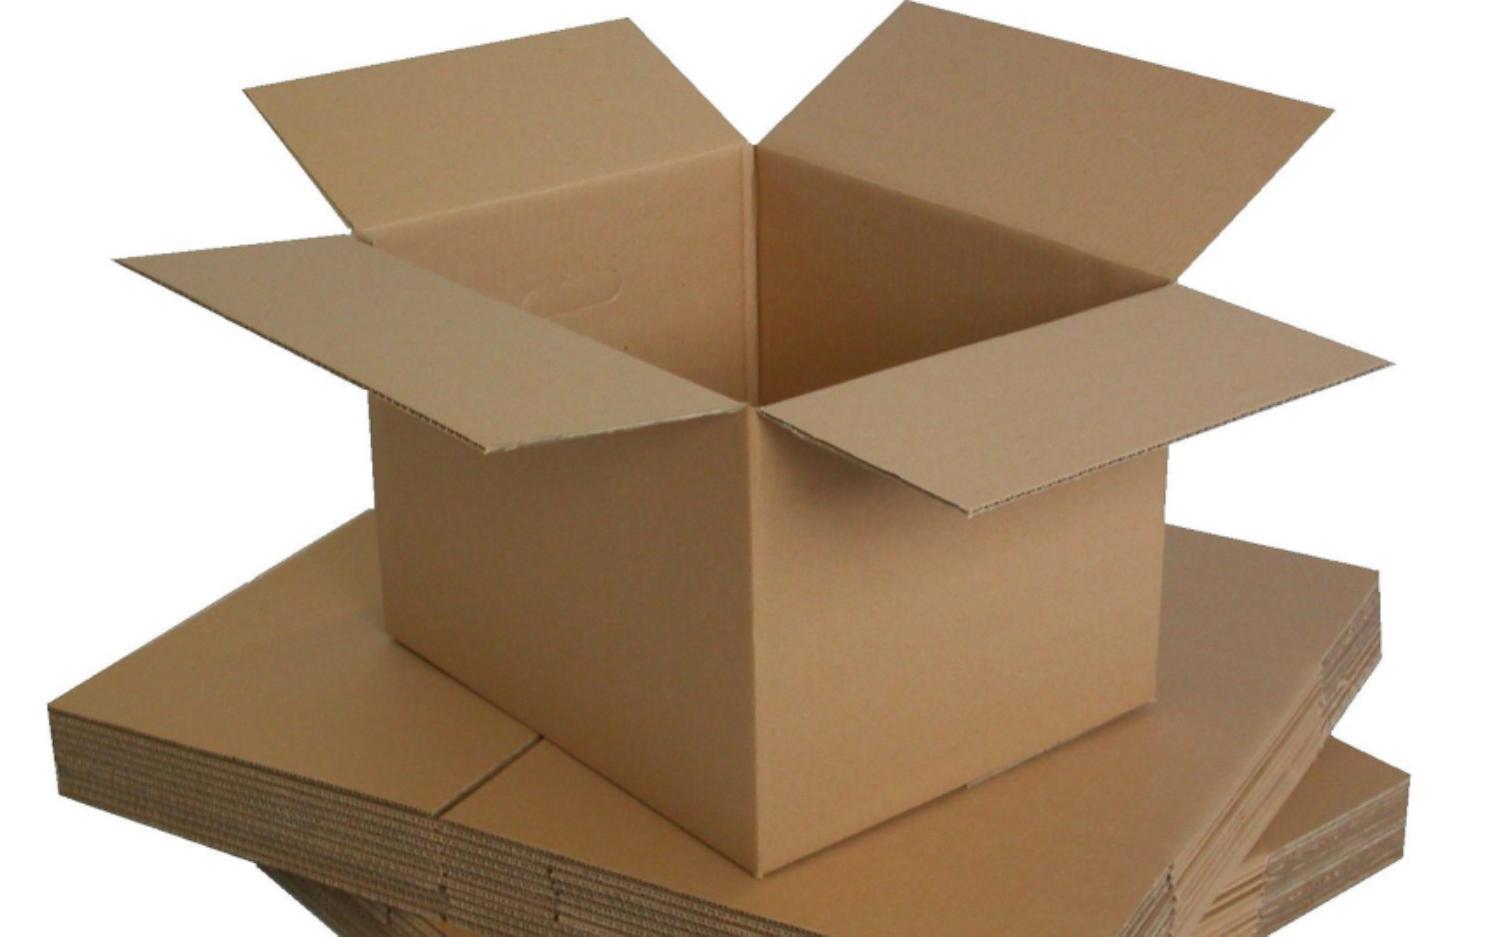 billige papkasser k b sm store papkasser til forsendelse her. Black Bedroom Furniture Sets. Home Design Ideas